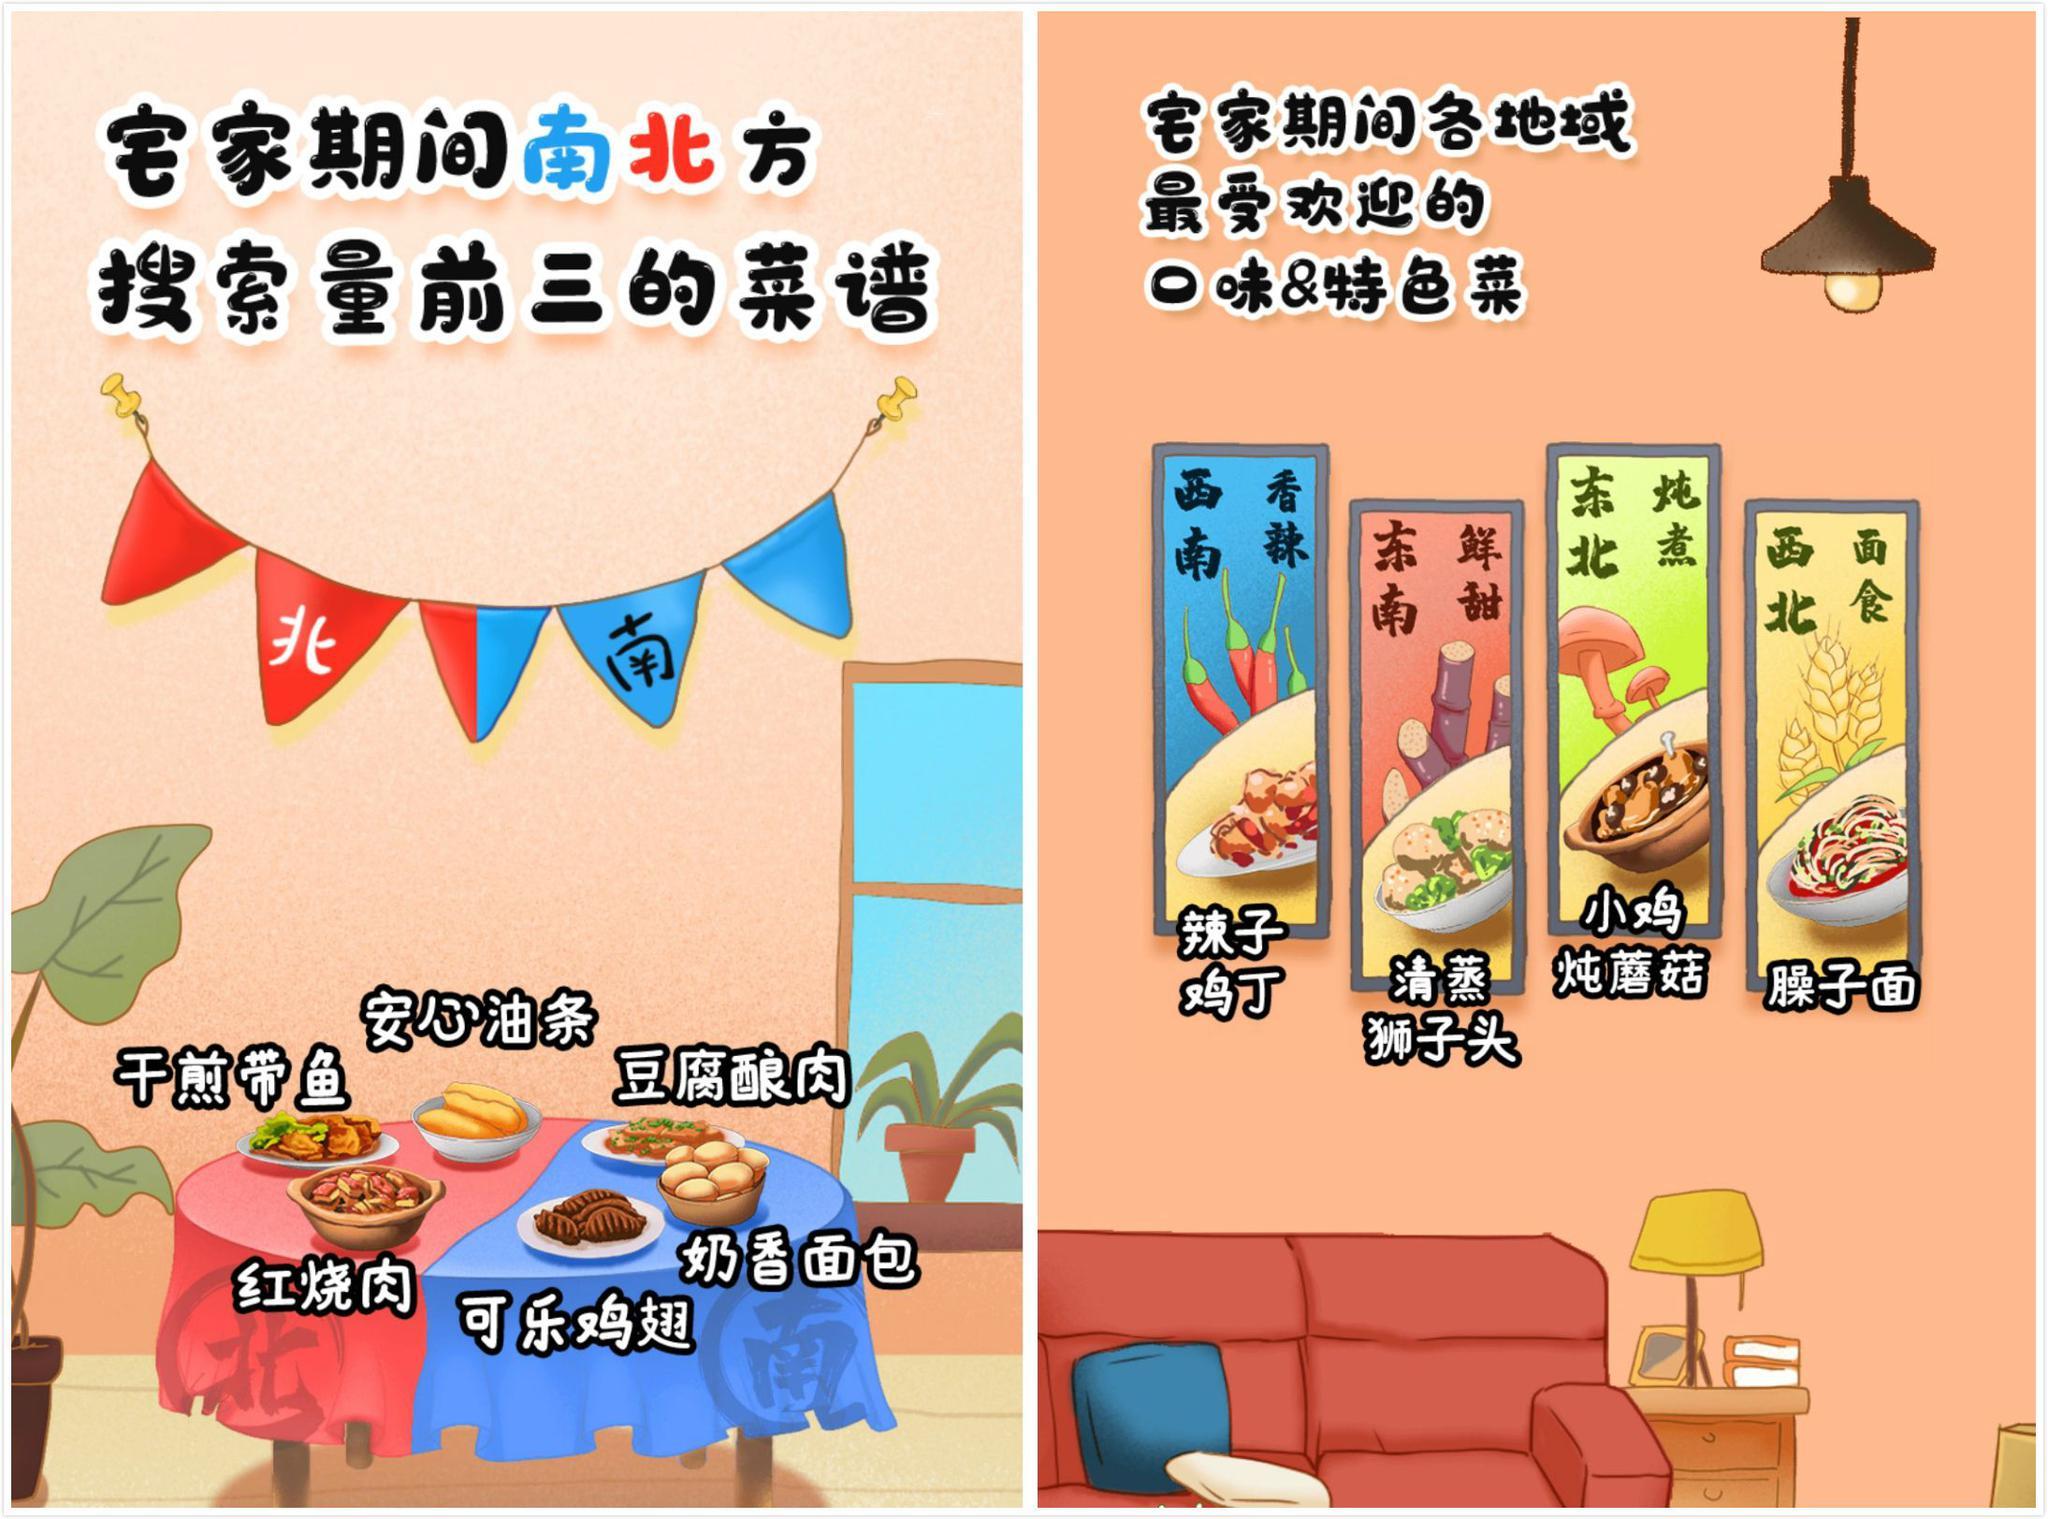 天富:告豆腐酿肉油天富条分别称霸南北图片